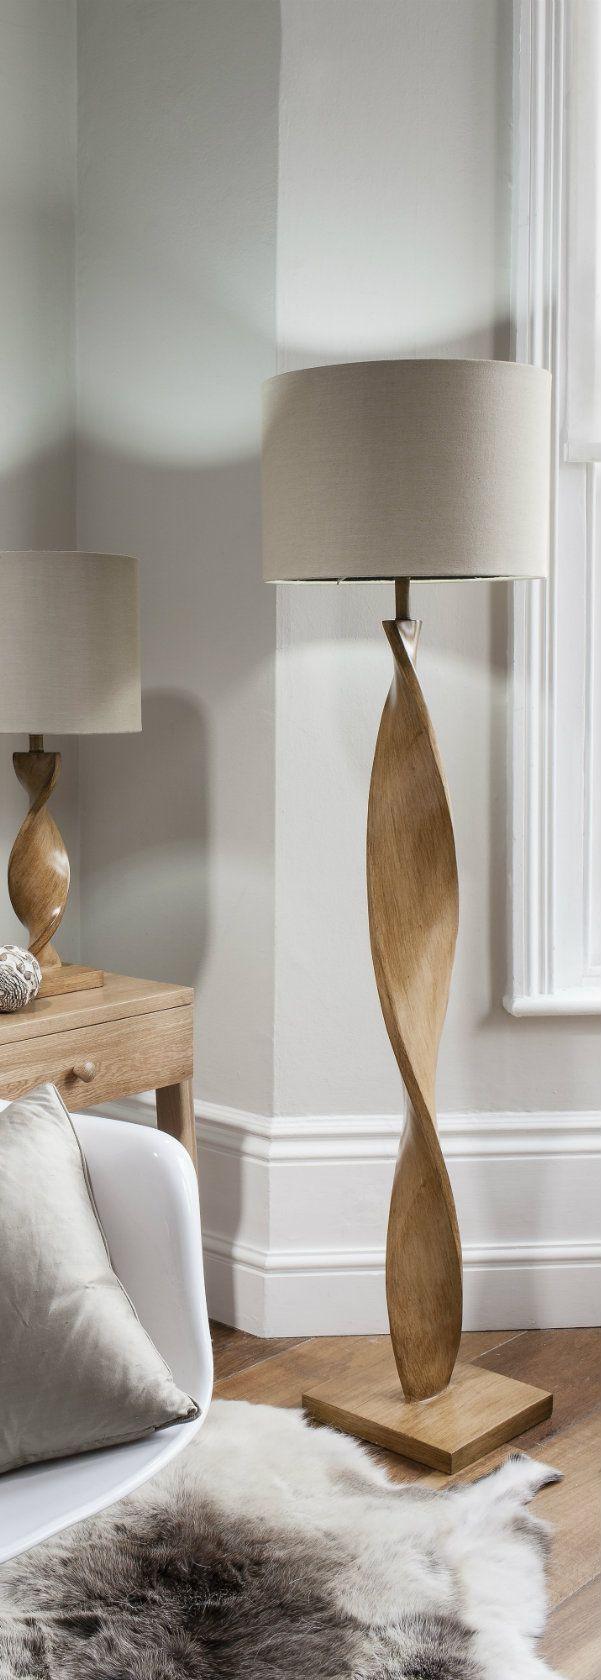 207e91d8ca8a603a9f85530714d2fbac wood floor lamp modern floor lamps